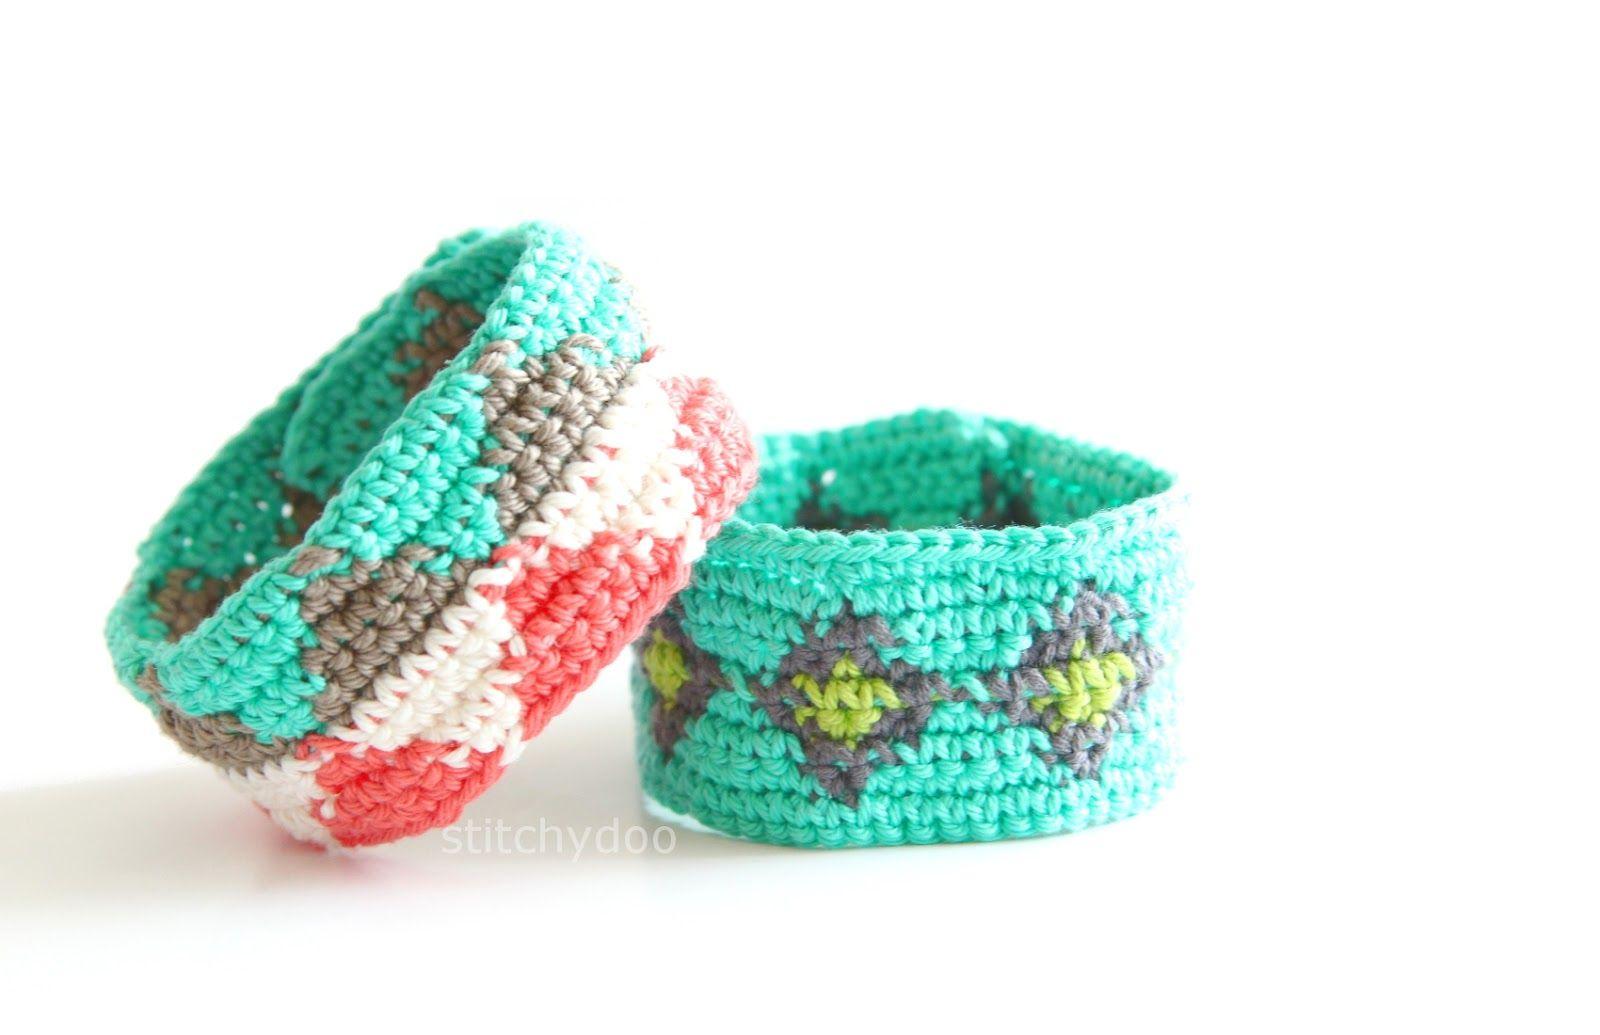 Gehäkelte Armbänder mit Mustern | Tatendrang - stitchydoo | Häkeln ...